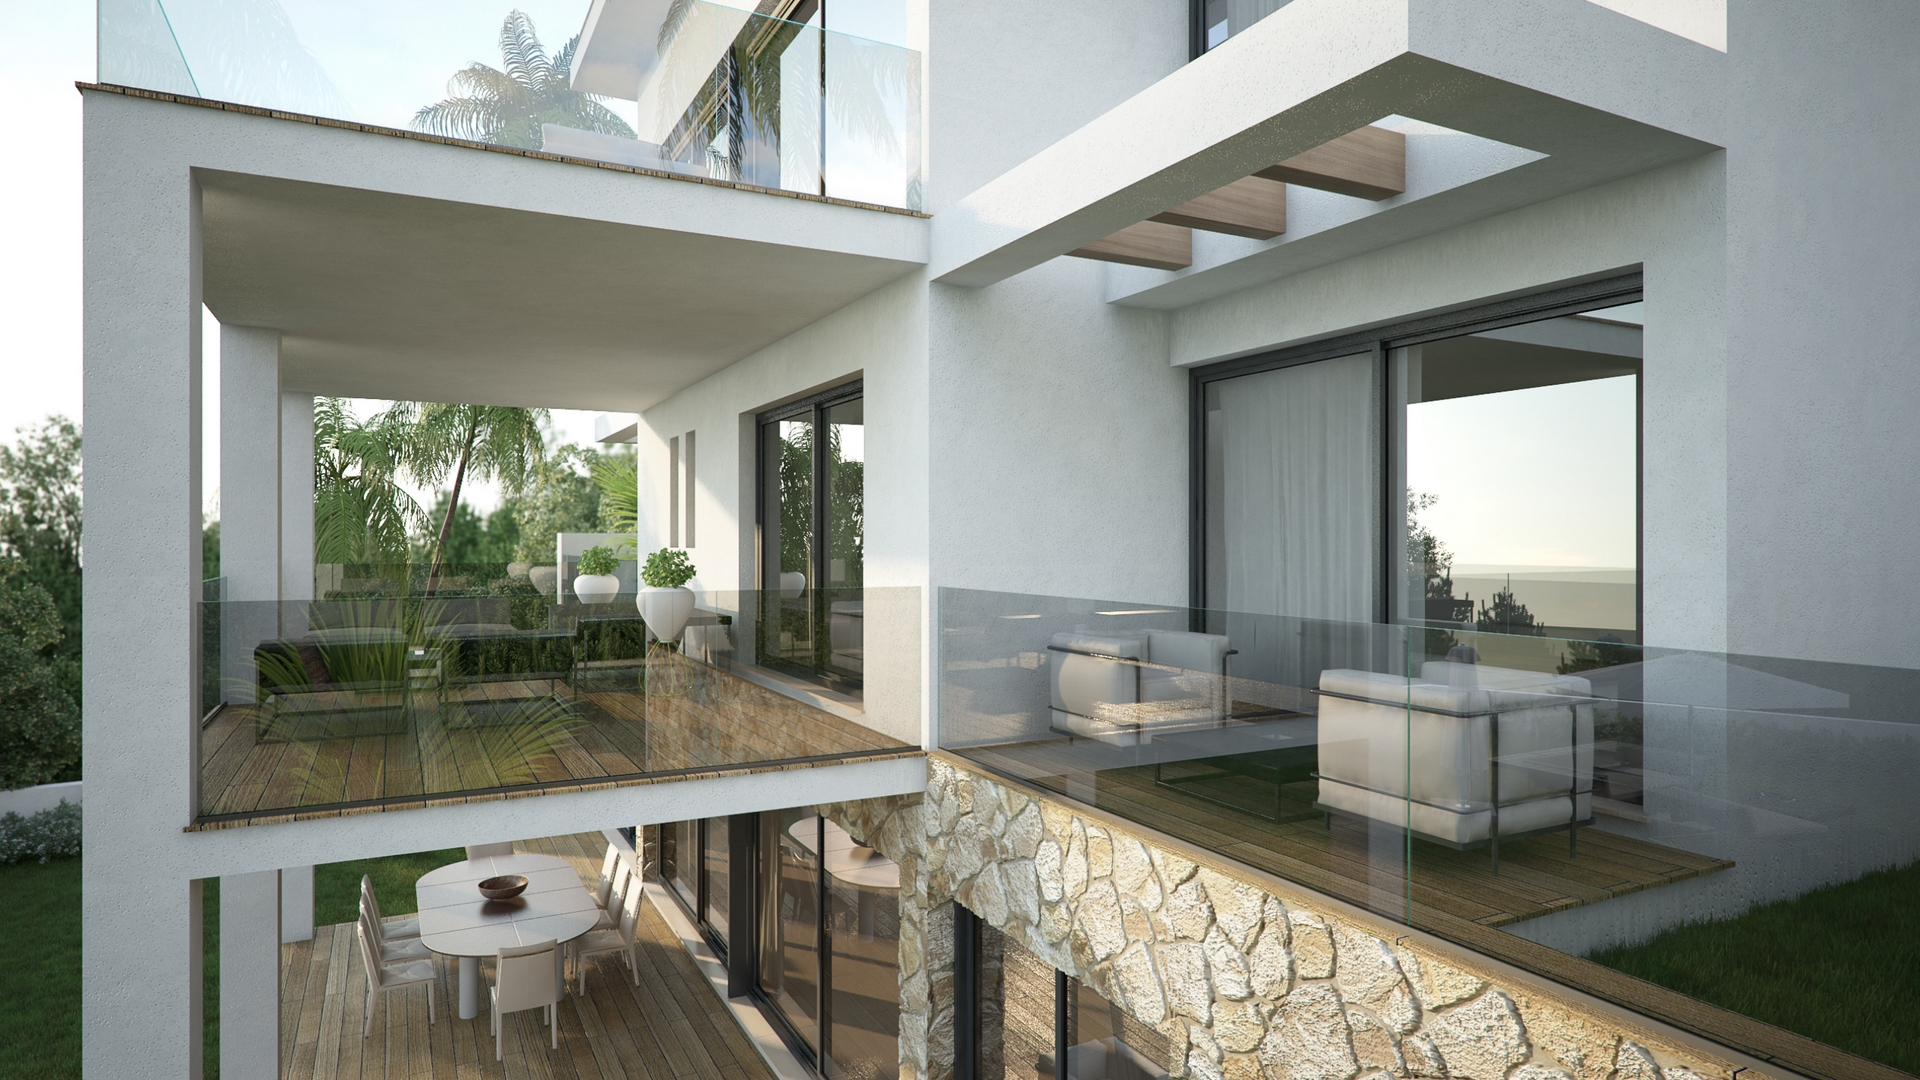 Villas la cala hills parcelas xia y xib mijas - Proyectos casas unifamiliares ...